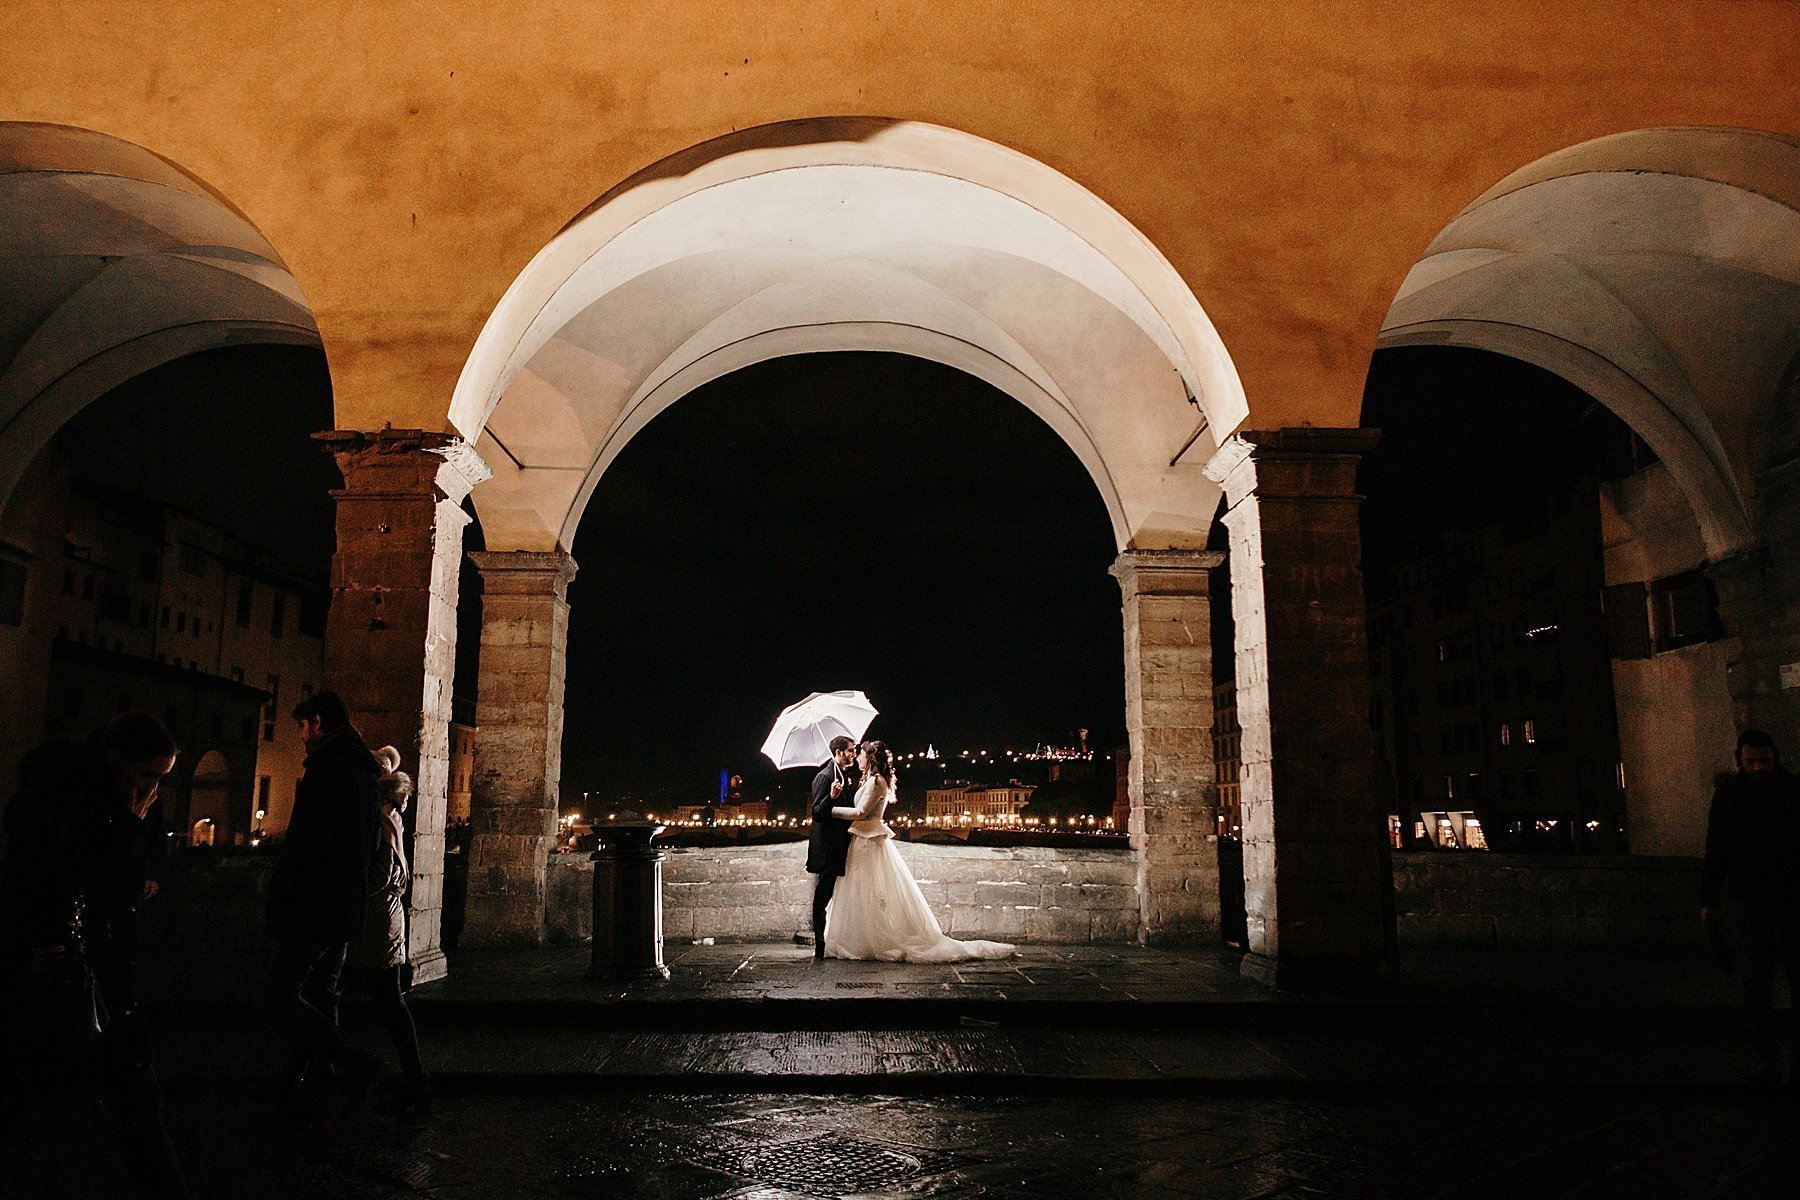 fotografia di matrimonio a firenze in inverno 774